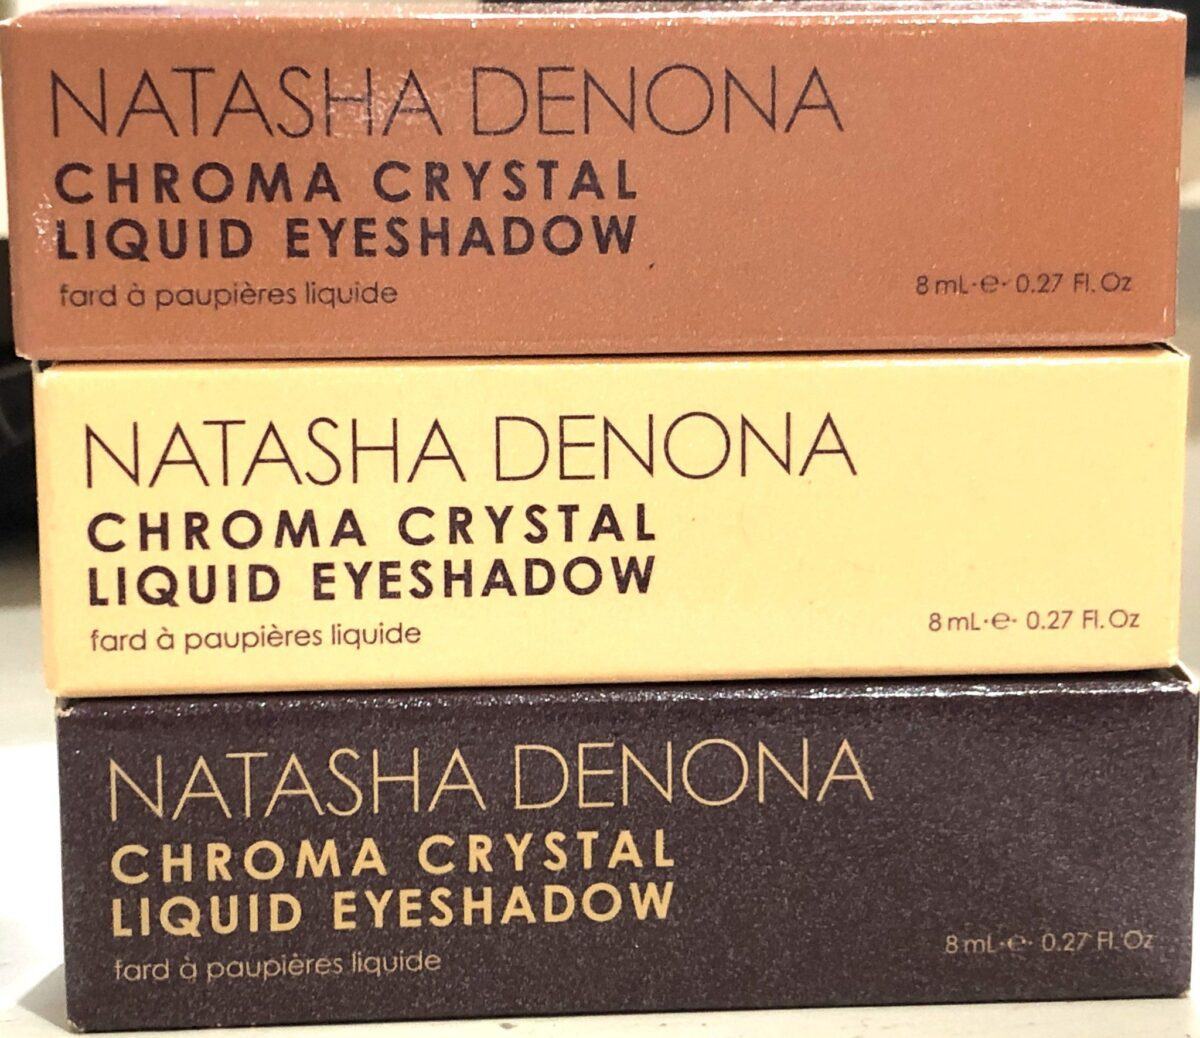 NATASHA DENONA CHROMA CRYSTAL LIQUID EYESHADOW PACKAGING